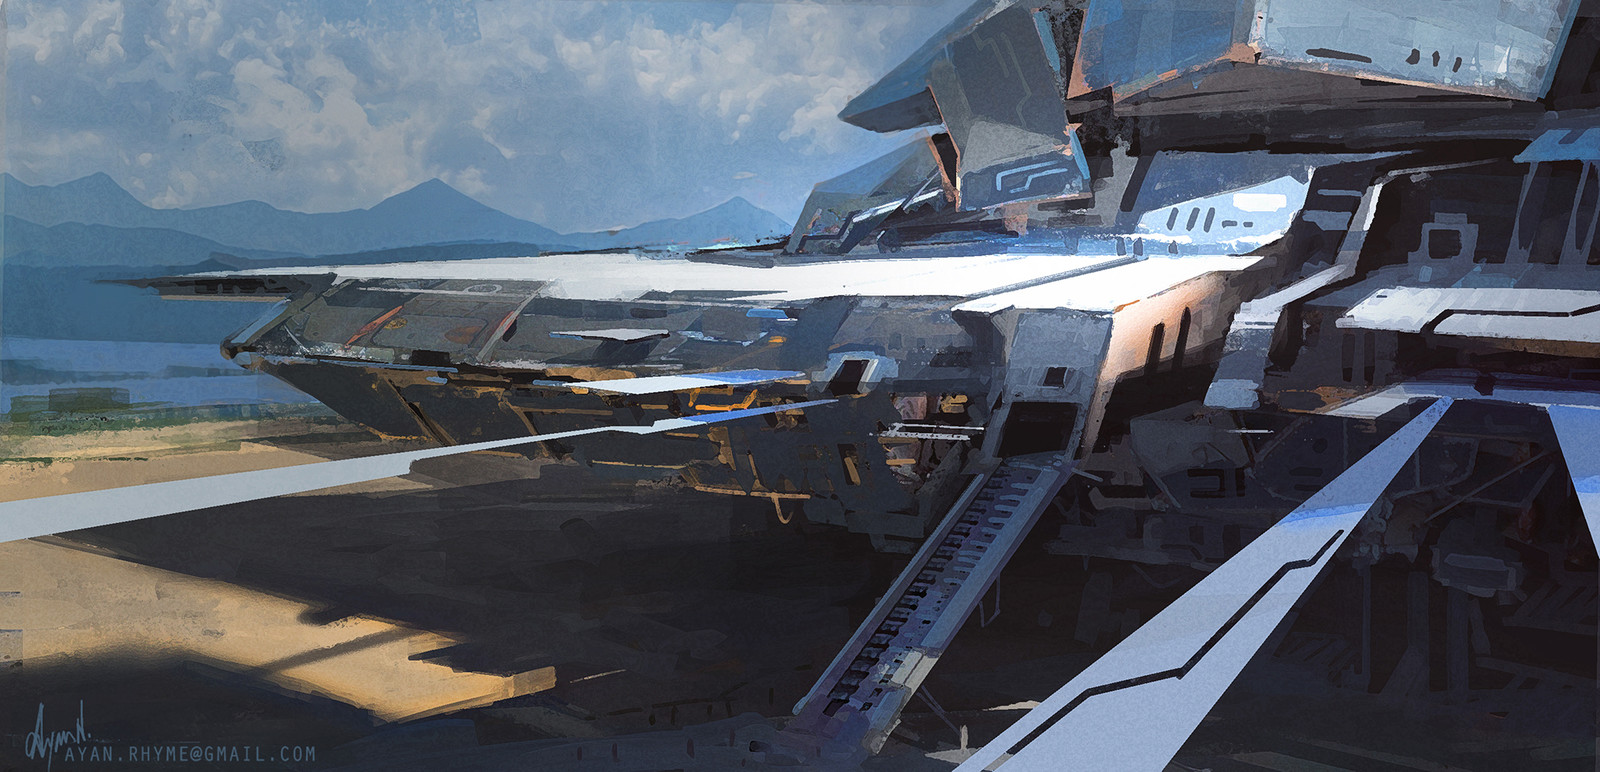 Spaceship looking thing!